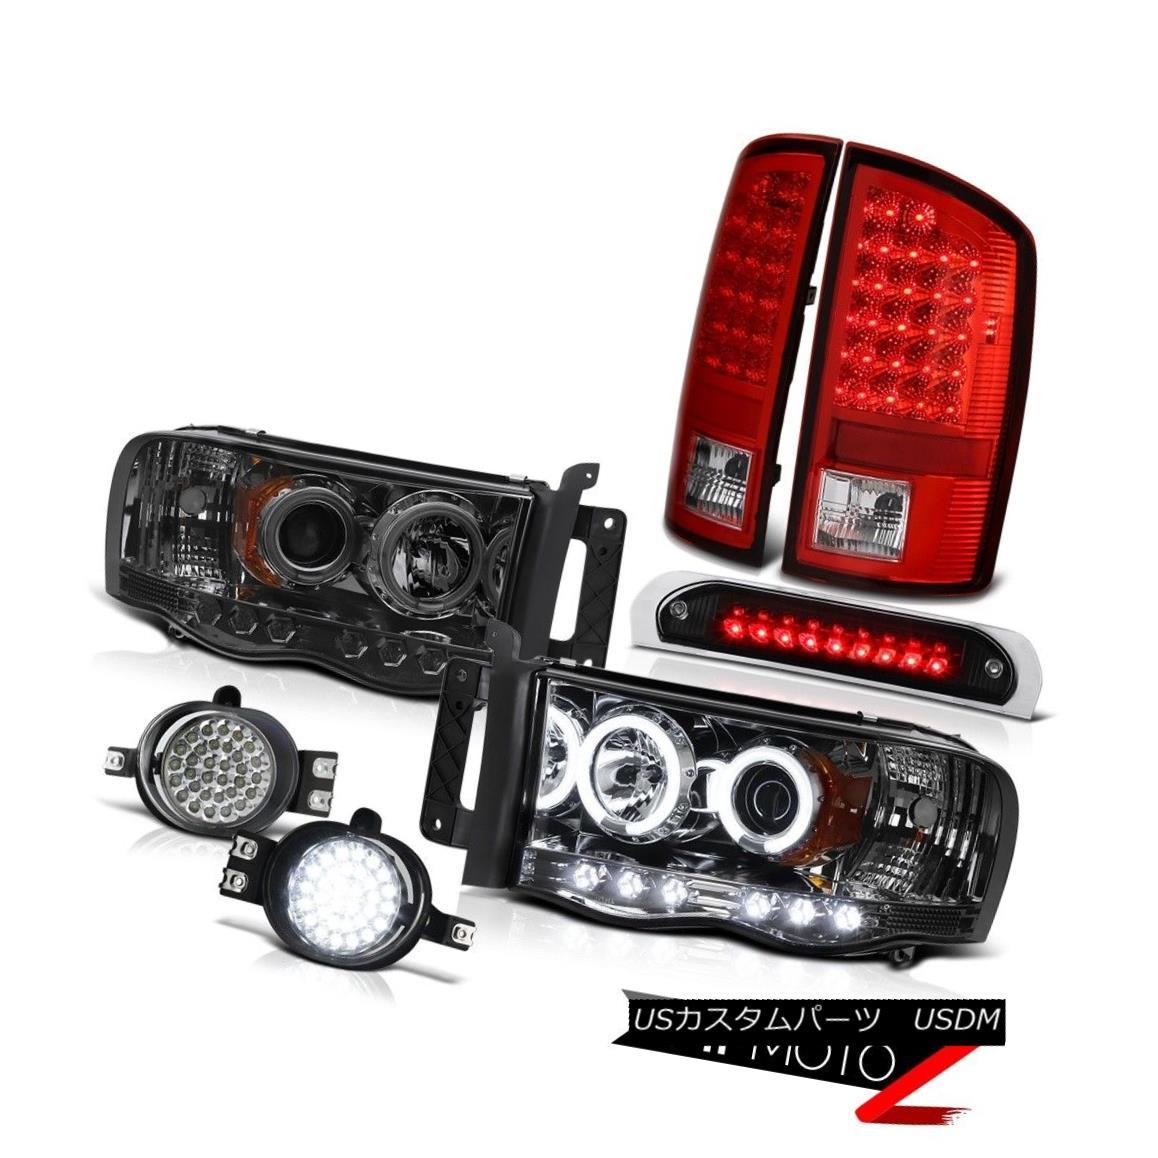 テールライト Quality CCFL Headlight RED LED Tail Light Assembly Fog Brake 02-05 Ram PowerTech 品質CCFLヘッドライトRED LEDテールライトアセンブリフォグブレーキ02-05 Ram PowerTech